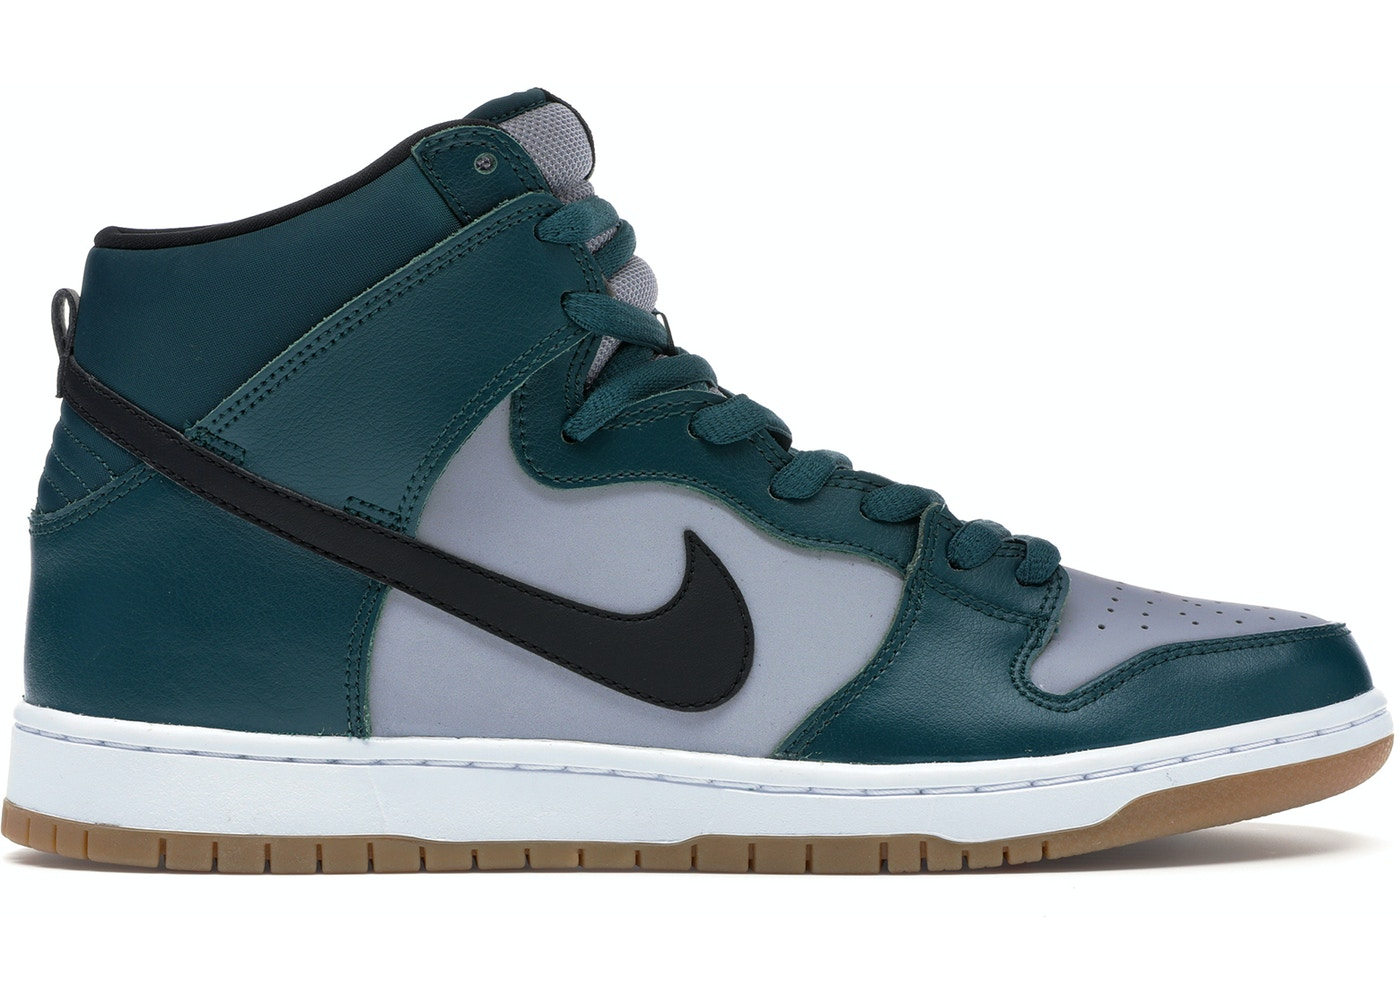 tak tanio klasyczny za pół Nike Dunk SB High Newport